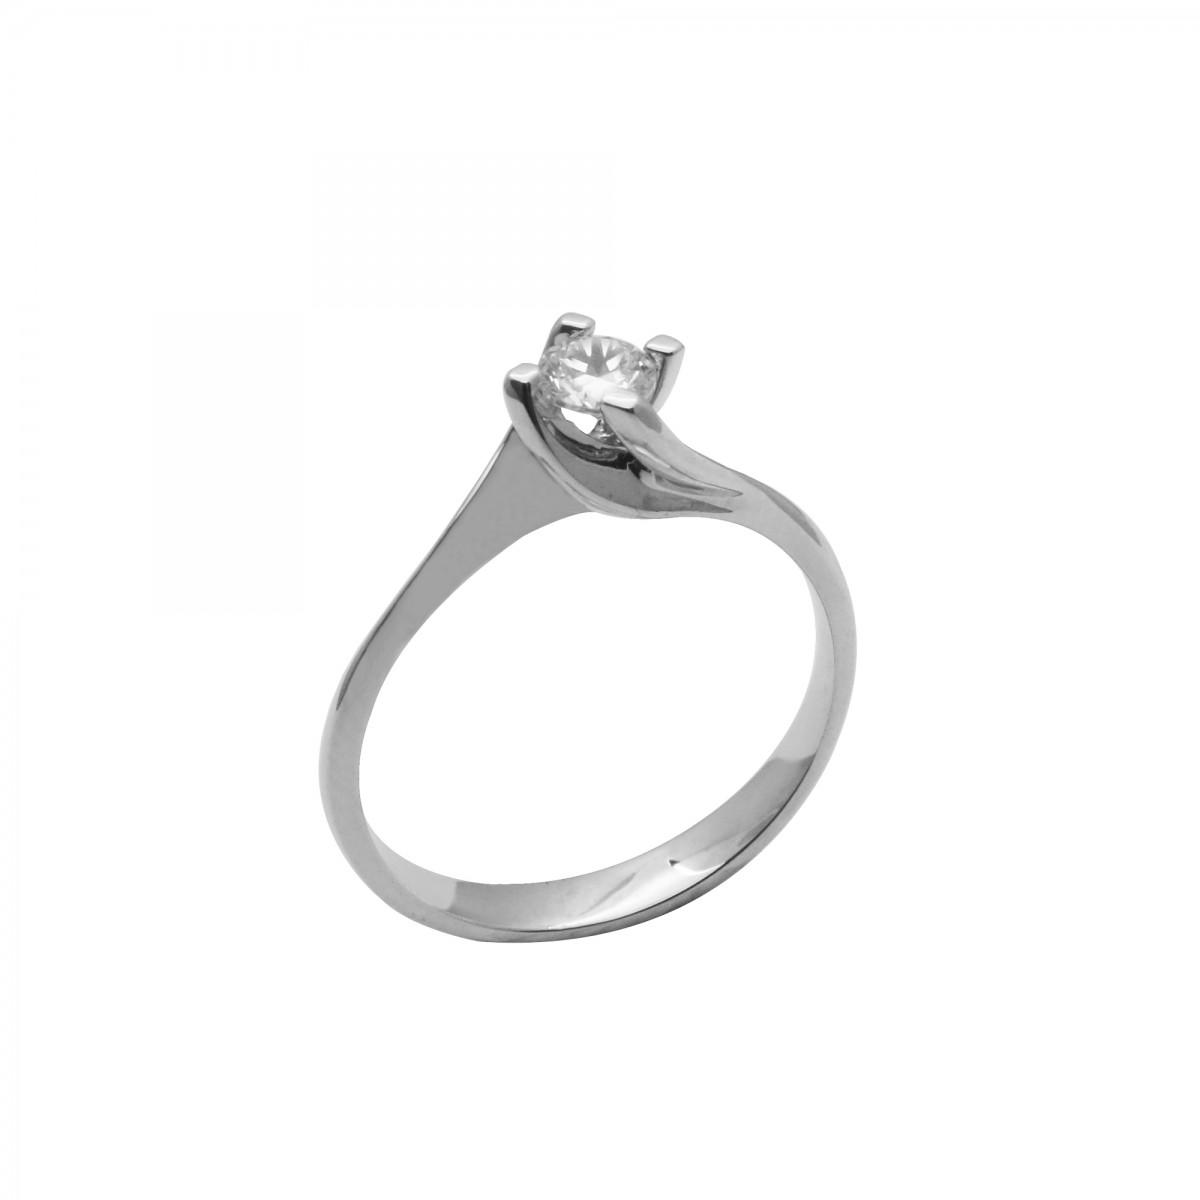 Μονόπετρο δαχτυλίδι λευκόχρυσο 18 καράτια με διαμάντι - 487€ ccd301c083b